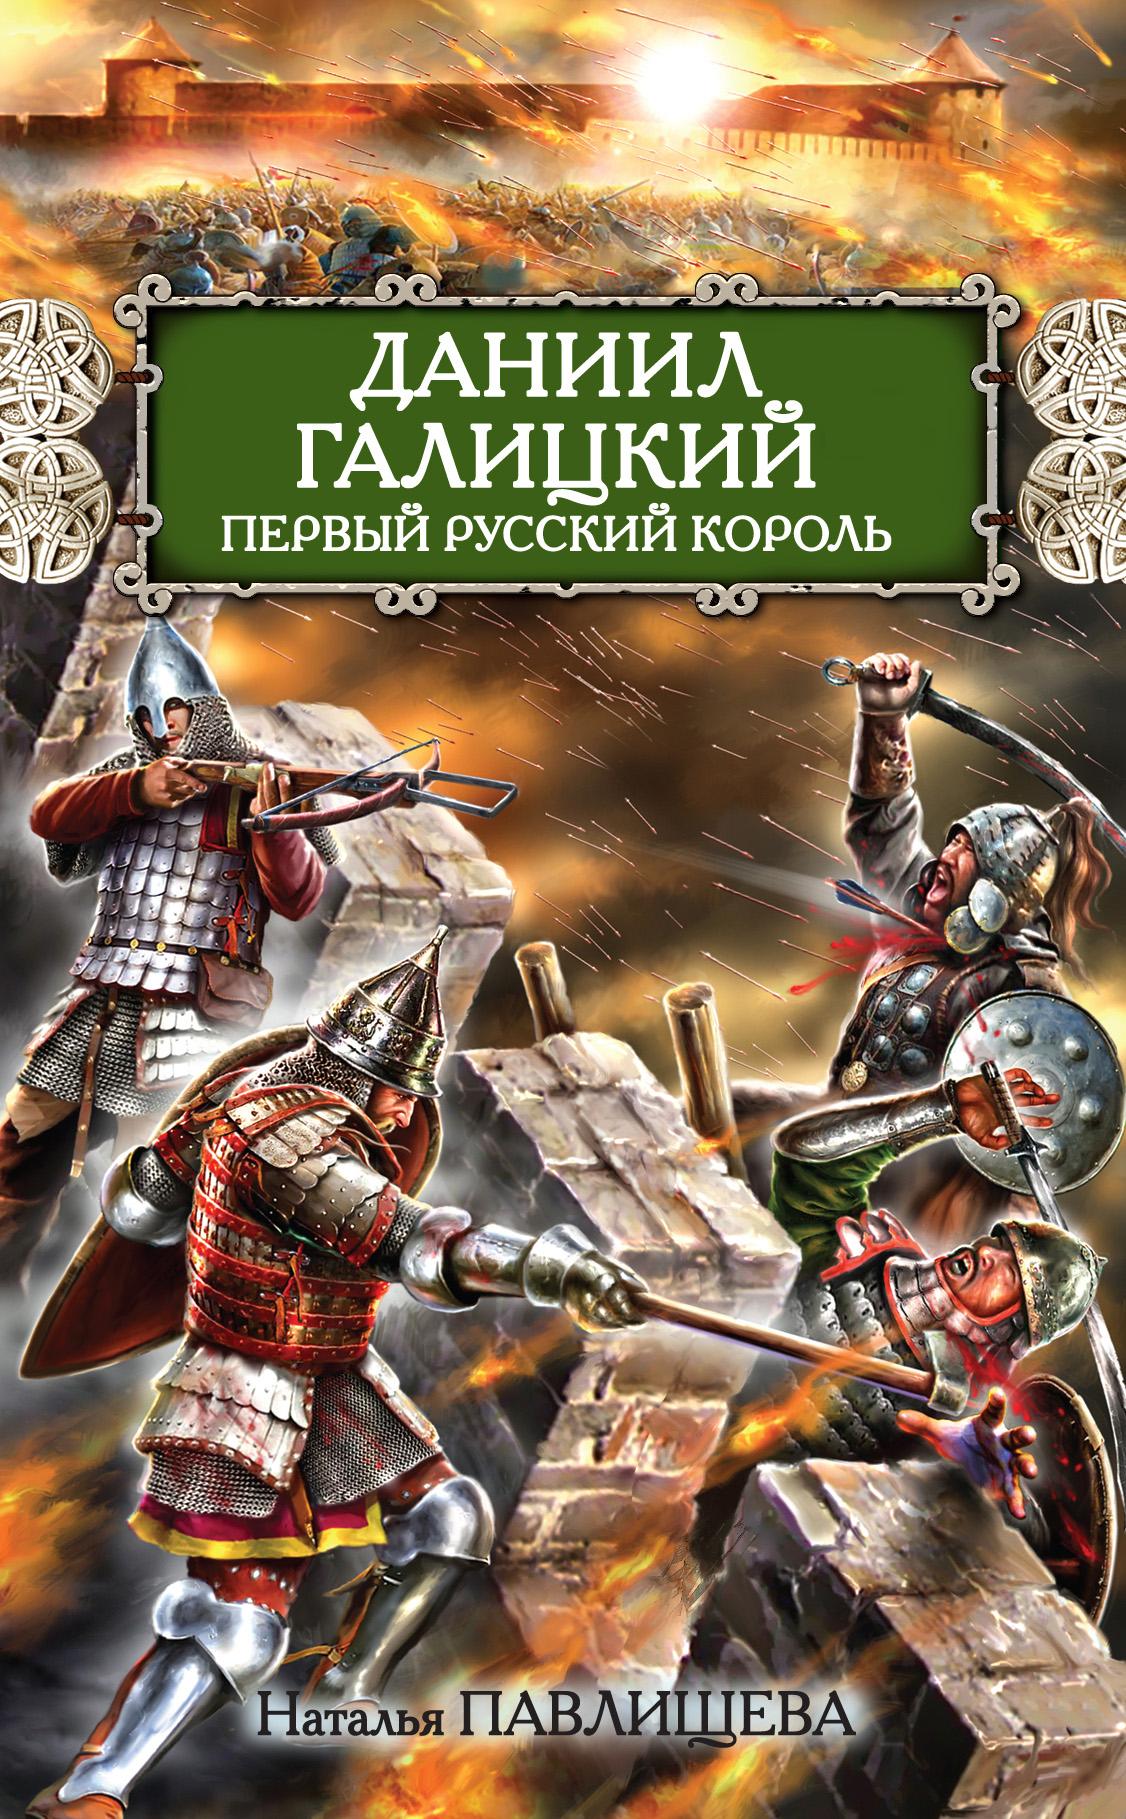 Даниил Галицкий. Первый русский король